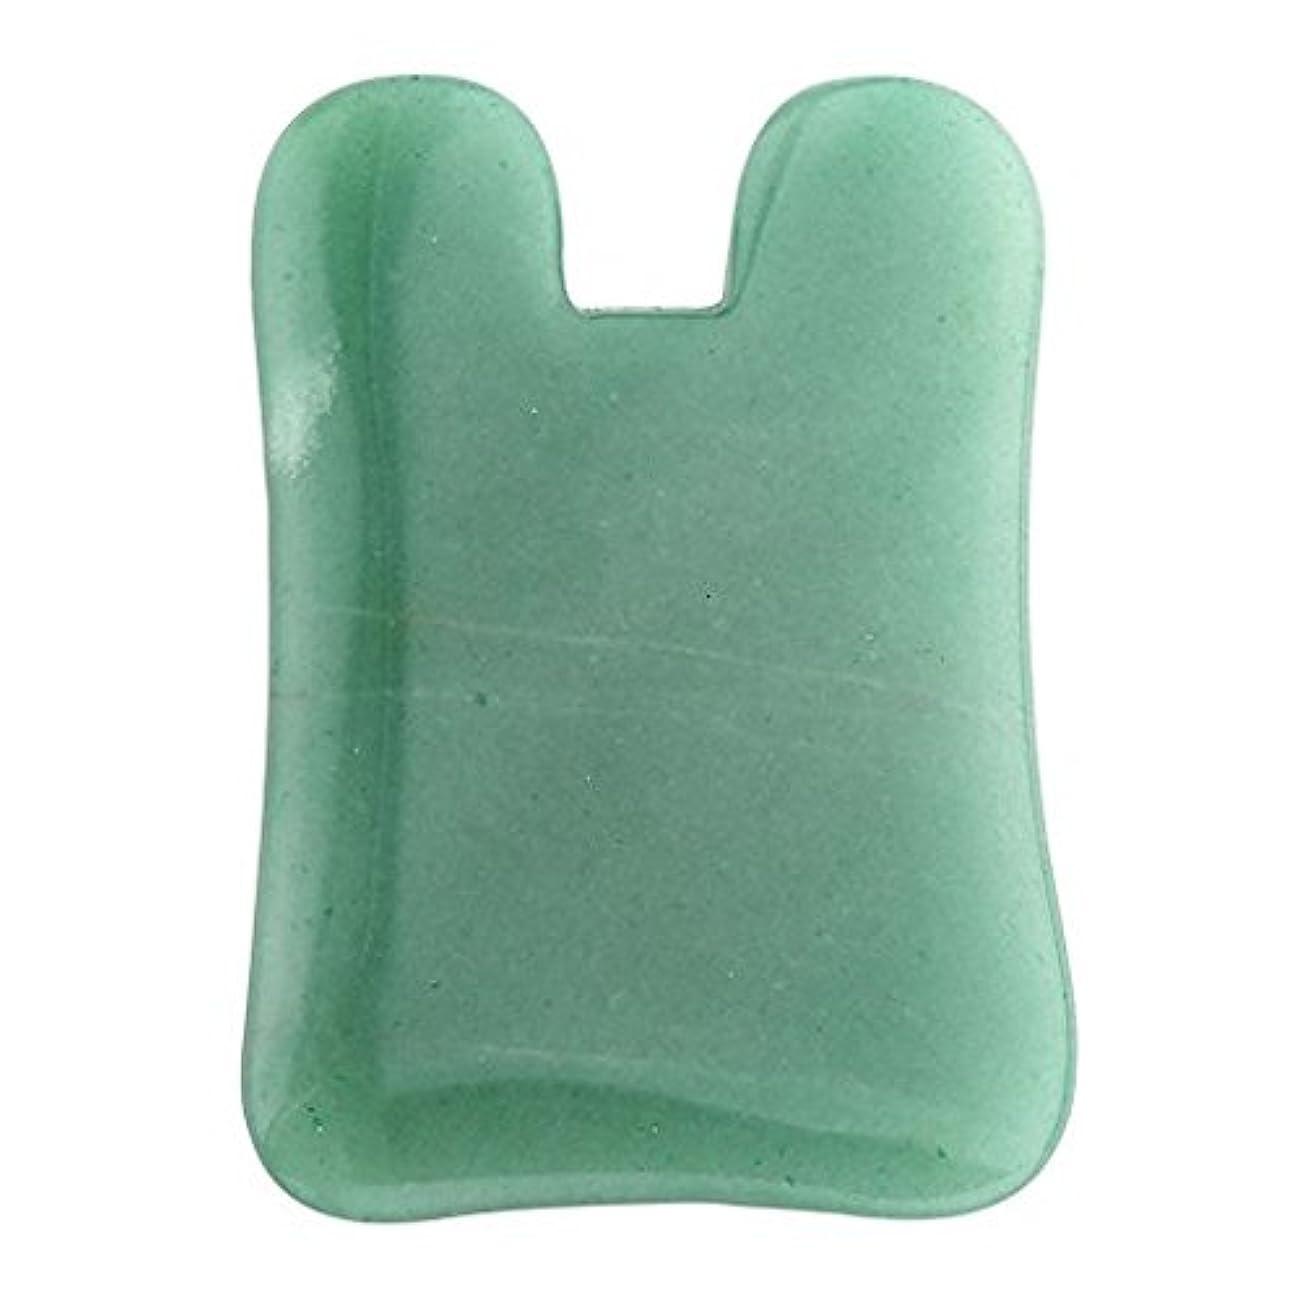 北西骨髄嫌な1pc Face/Body Massage Jade Adventurine Natual stone Gua Sha acupress toolジェイドかっさプレート 翡翠かっさ,顔?ボディのリンパマッサージ (U shape)